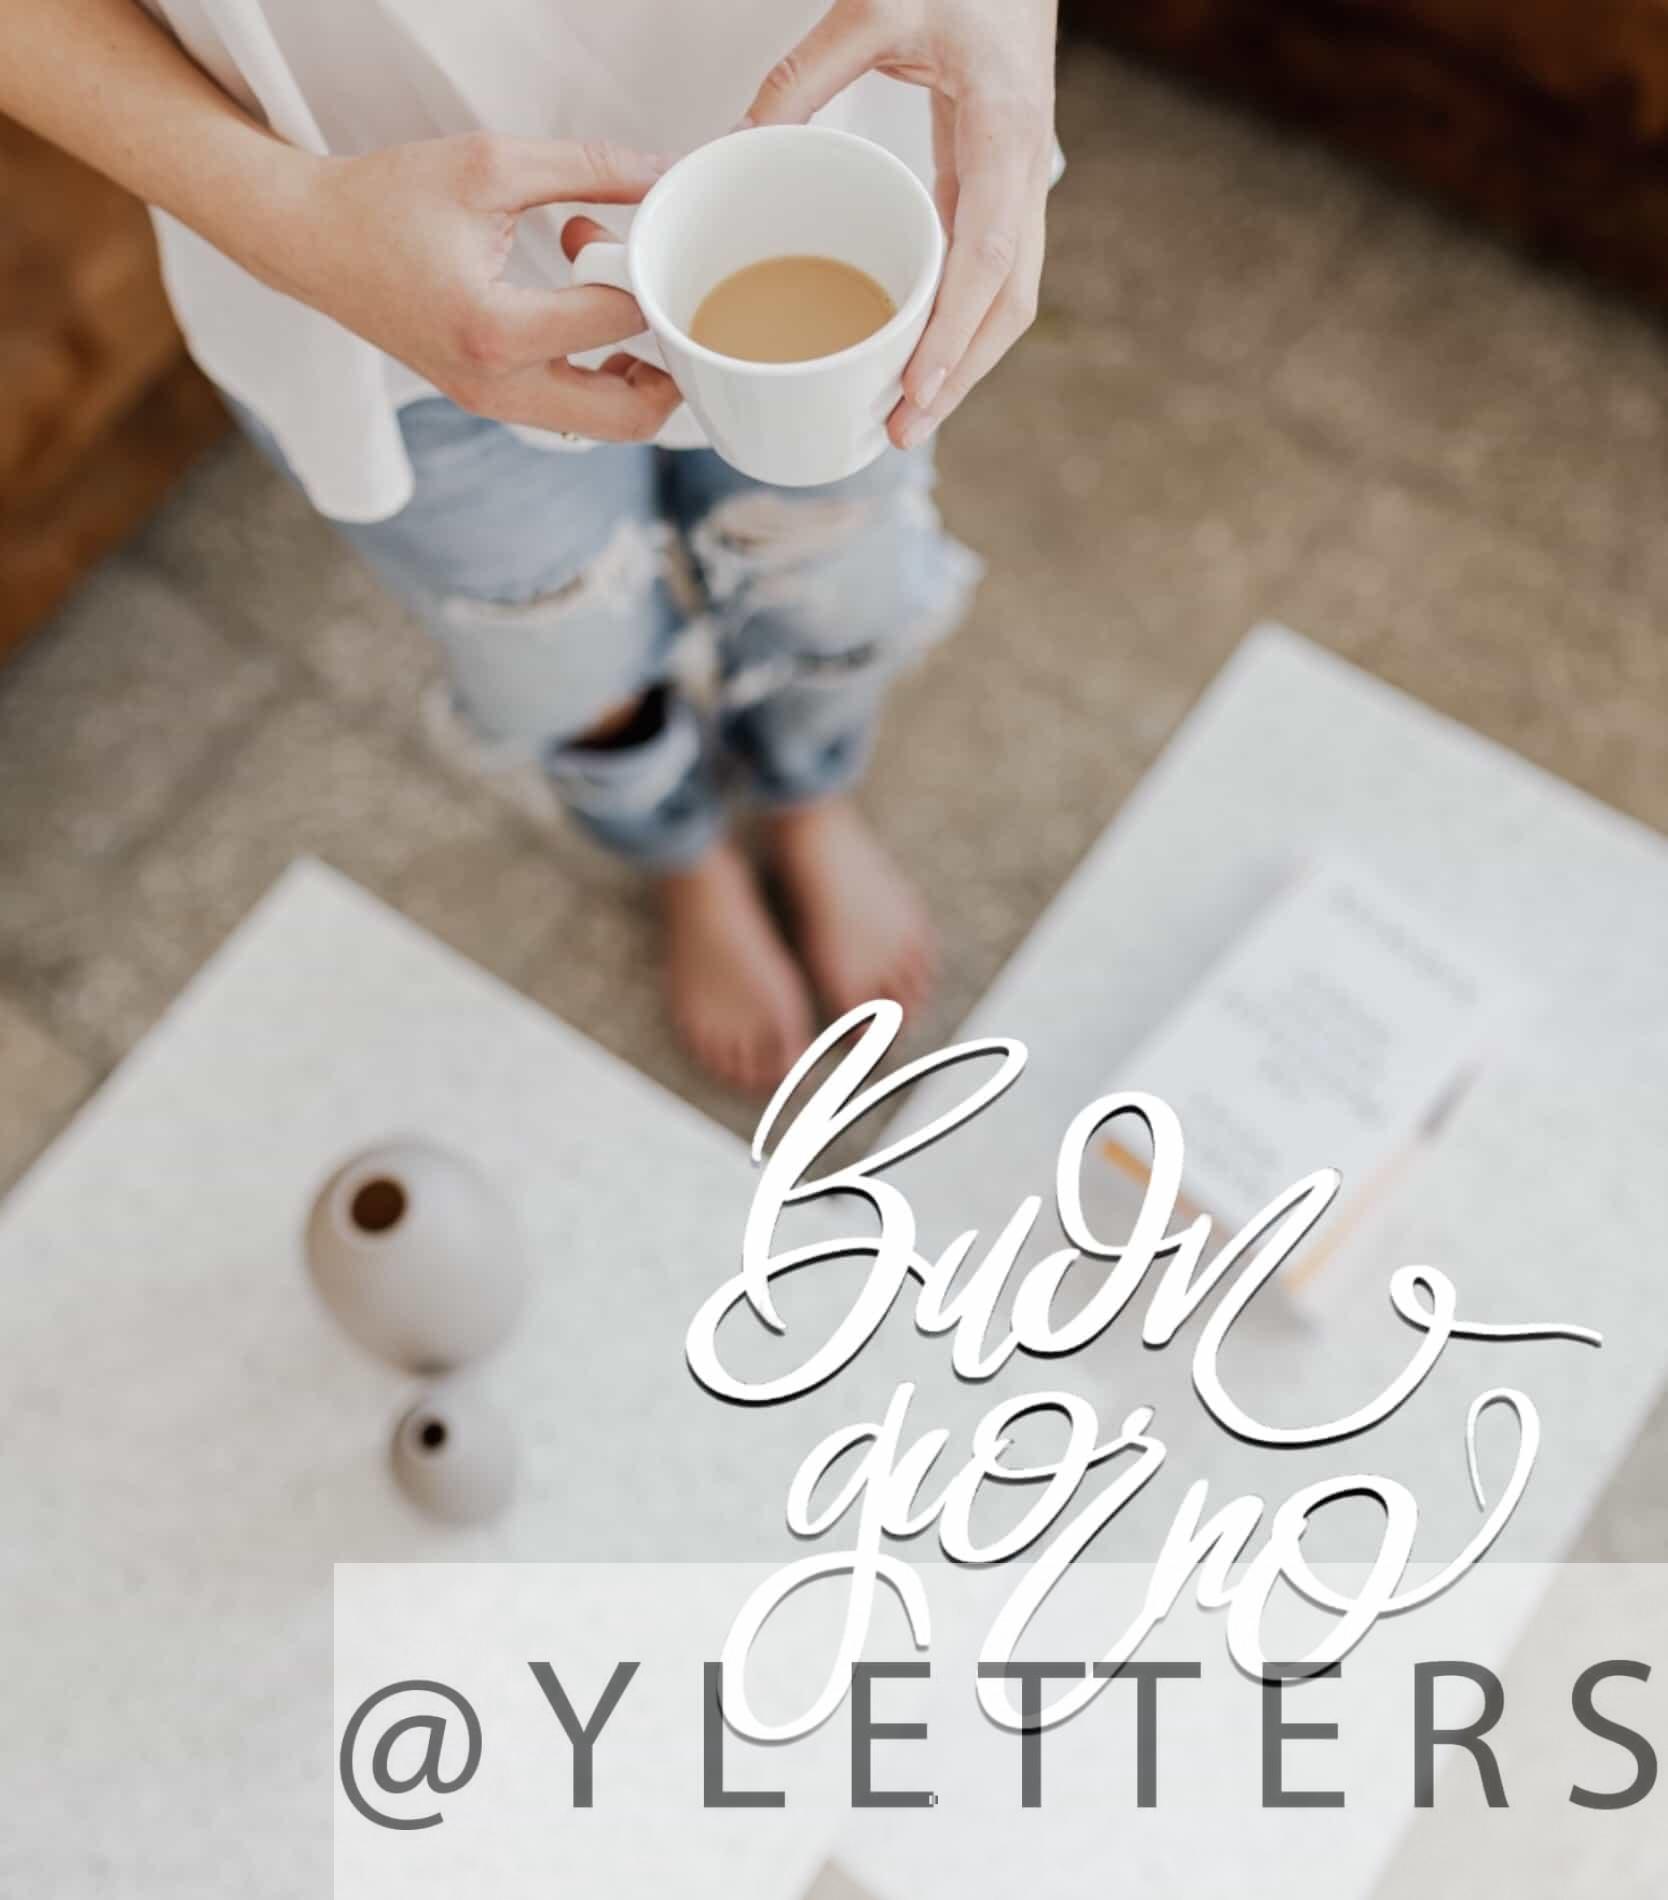 prendi un caffè. Buona giornata